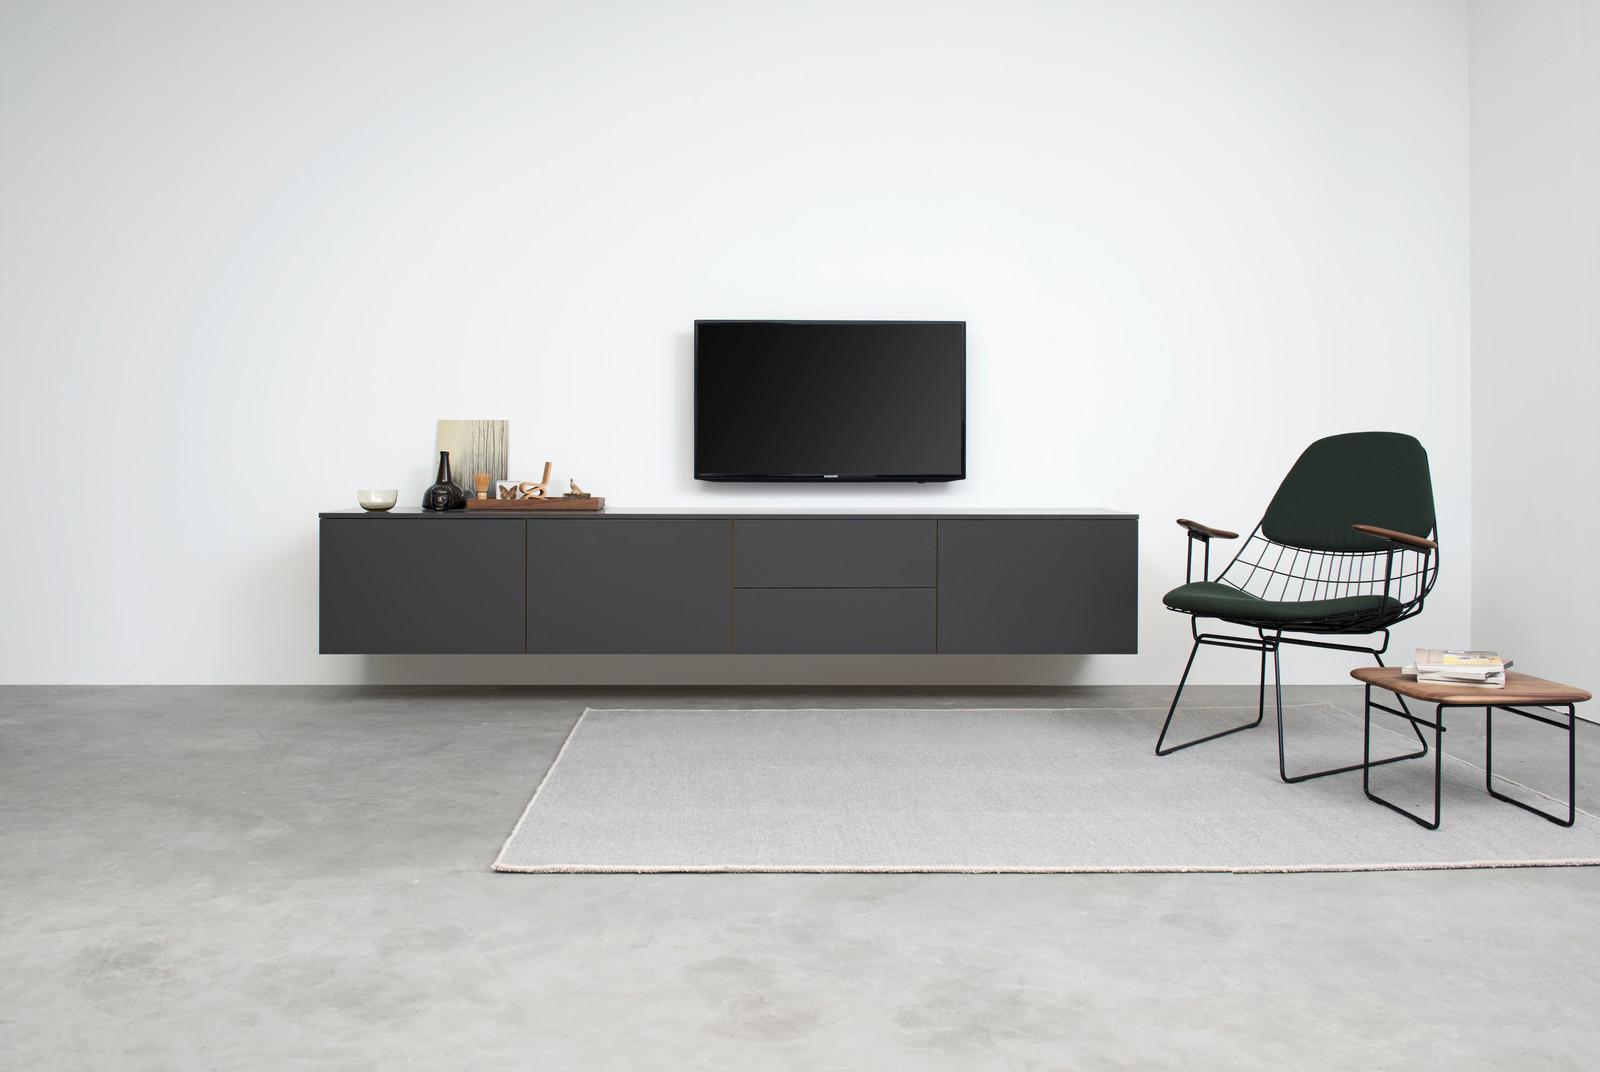 Design Tv Meubel Tweedehands.Pastoe Tv Meubel Meuble Gallery Collection